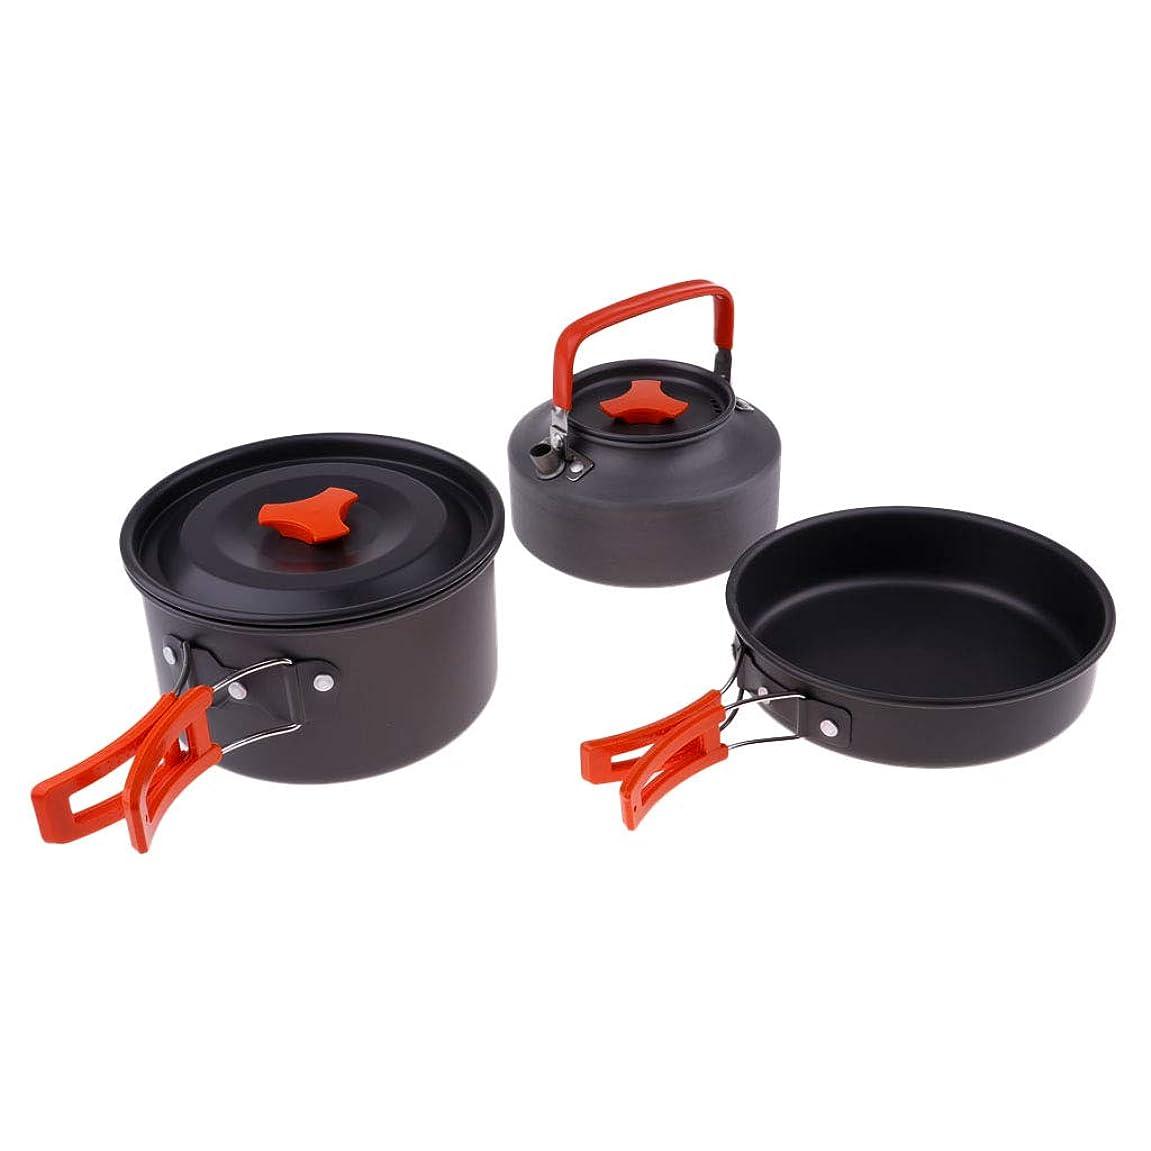 召喚する原油知人Perfeclan 折りたたみ 調理器具セット 鍋 フライパン 水ケトル アウトドアグッズ